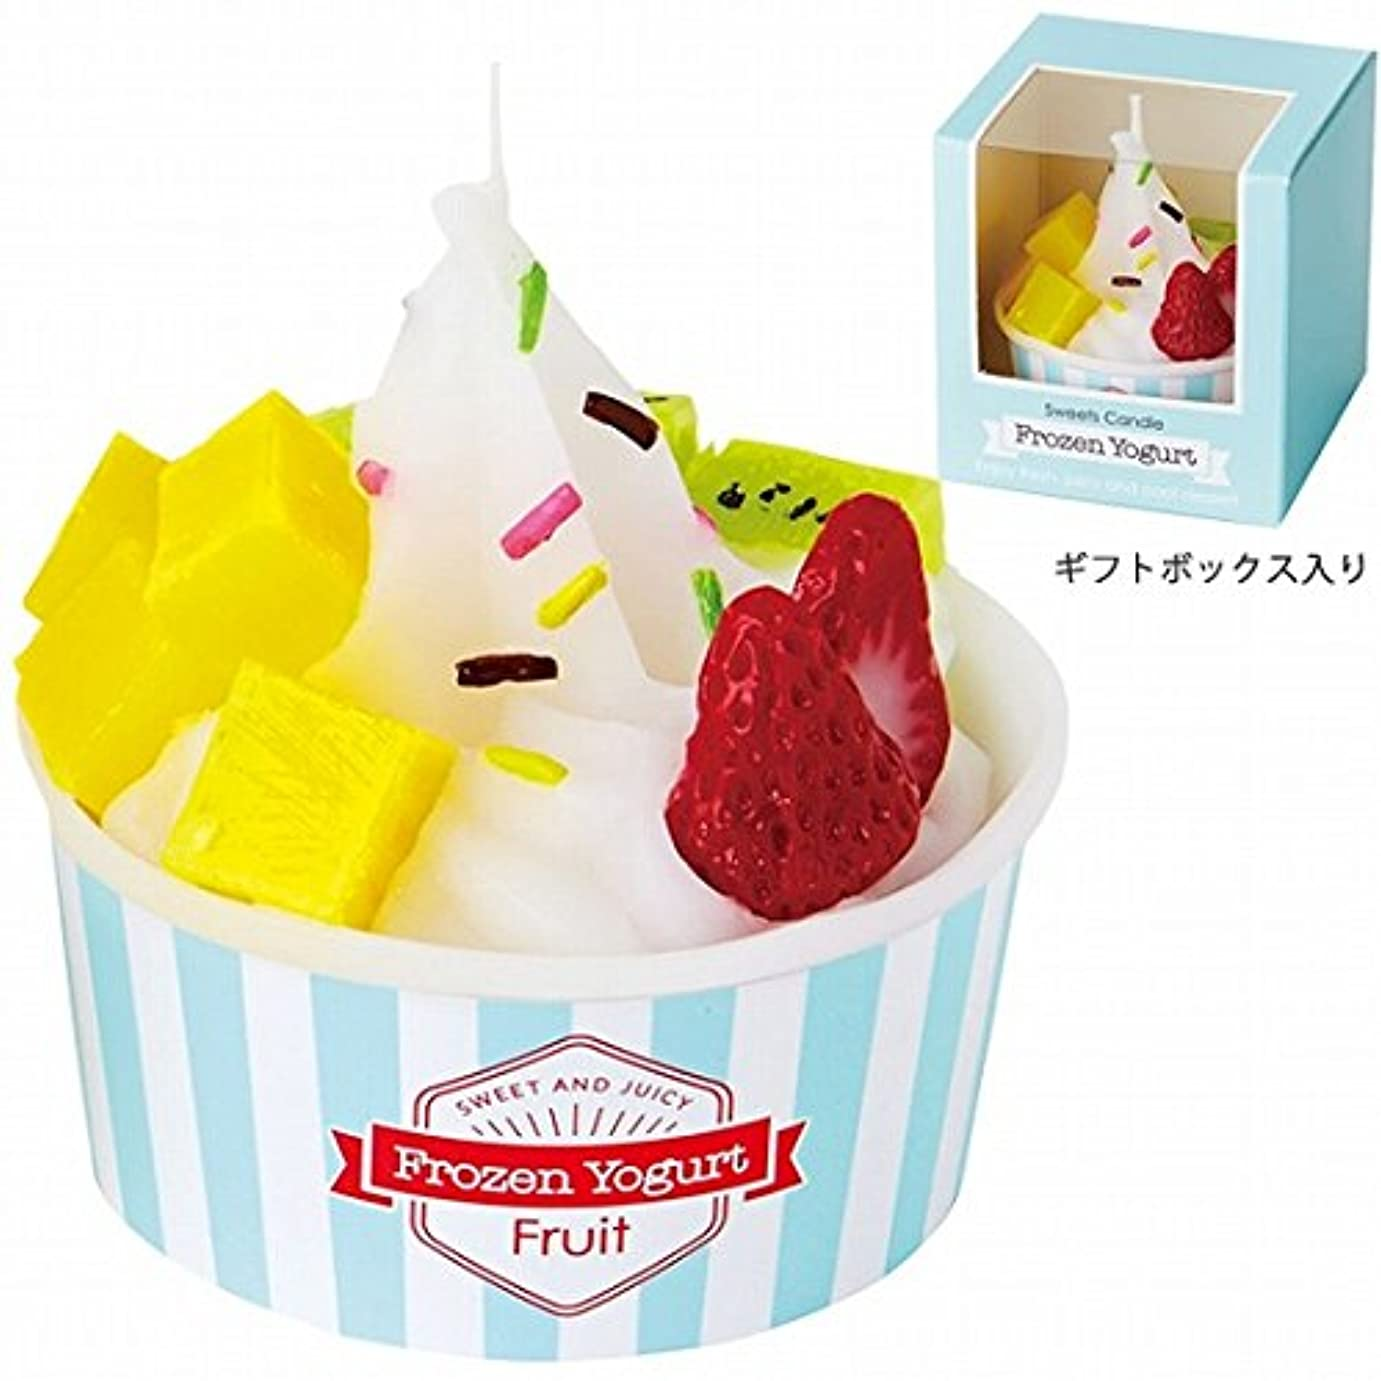 順応性のある興奮するライバルカメヤマキャンドル(kameyama candle) フローズンヨーグルトキャンドル 「フルーツ」 4個セット